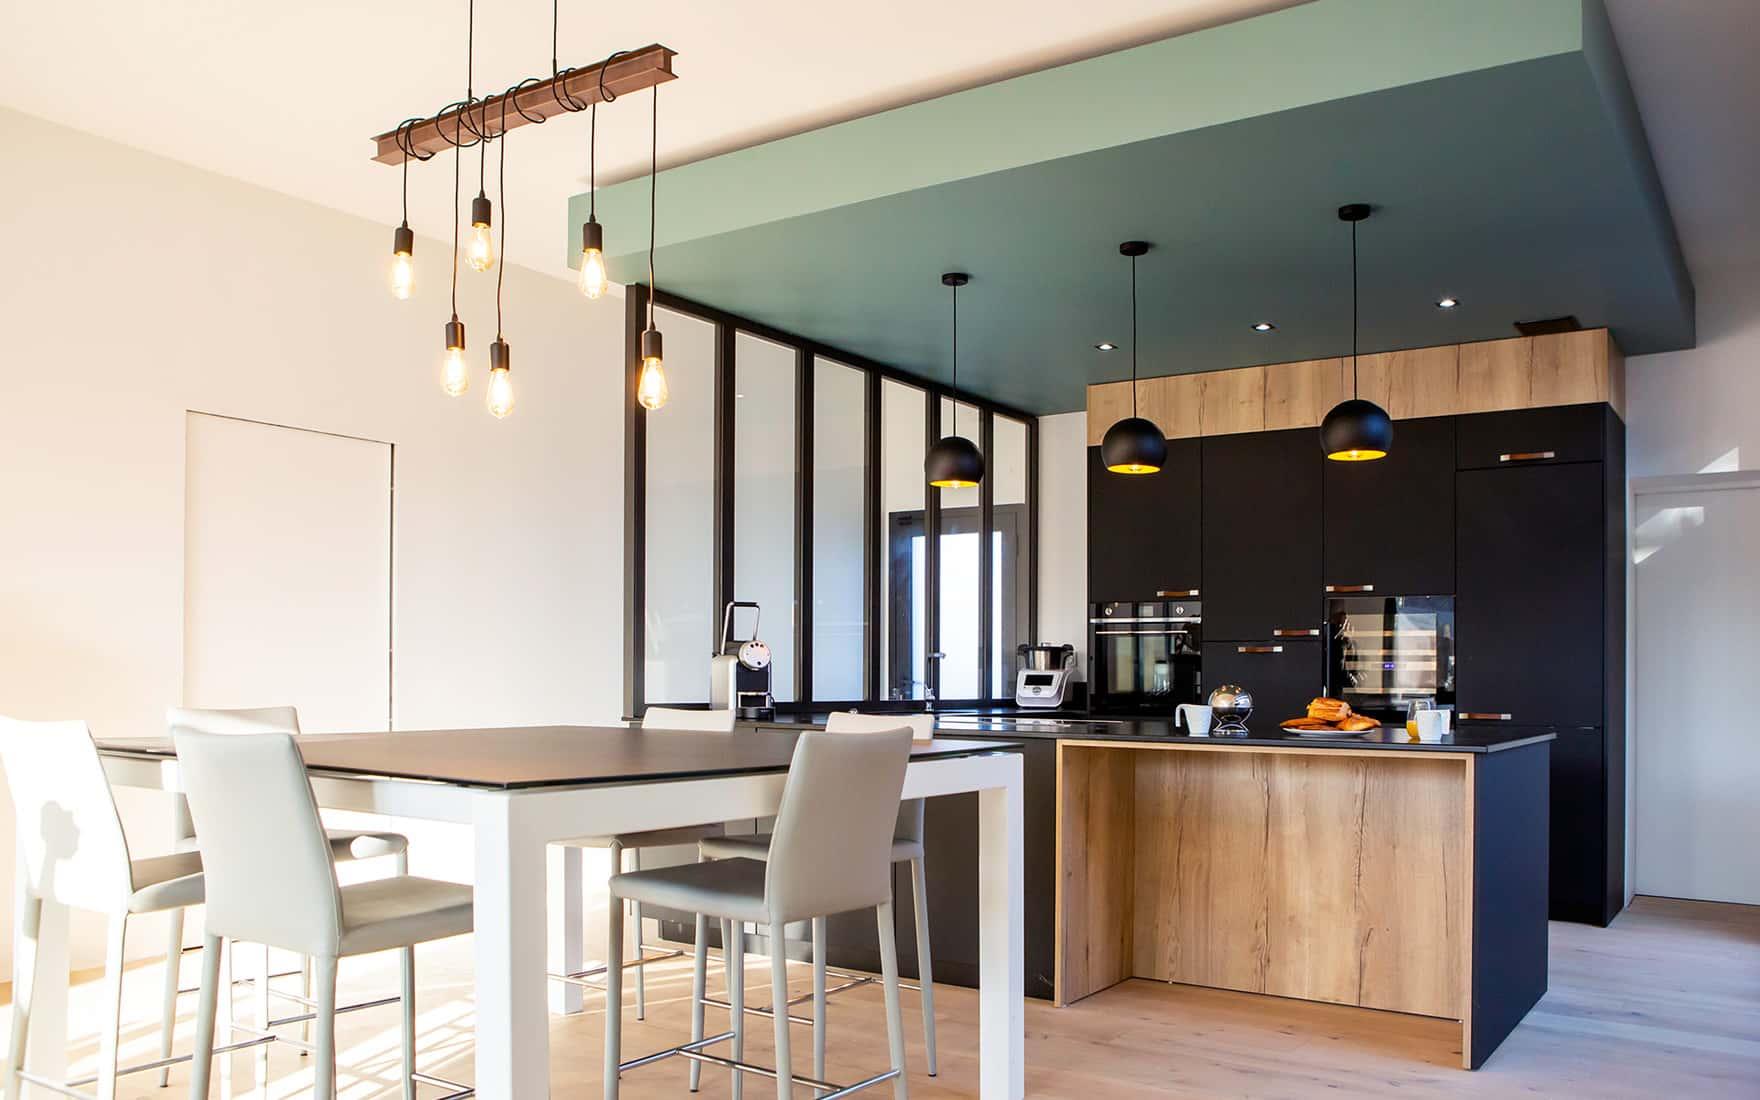 Projet de l'Atelier de Léa : cuisine moderne noire sur-mesure en cube avec verrière et plans de travail en granite.